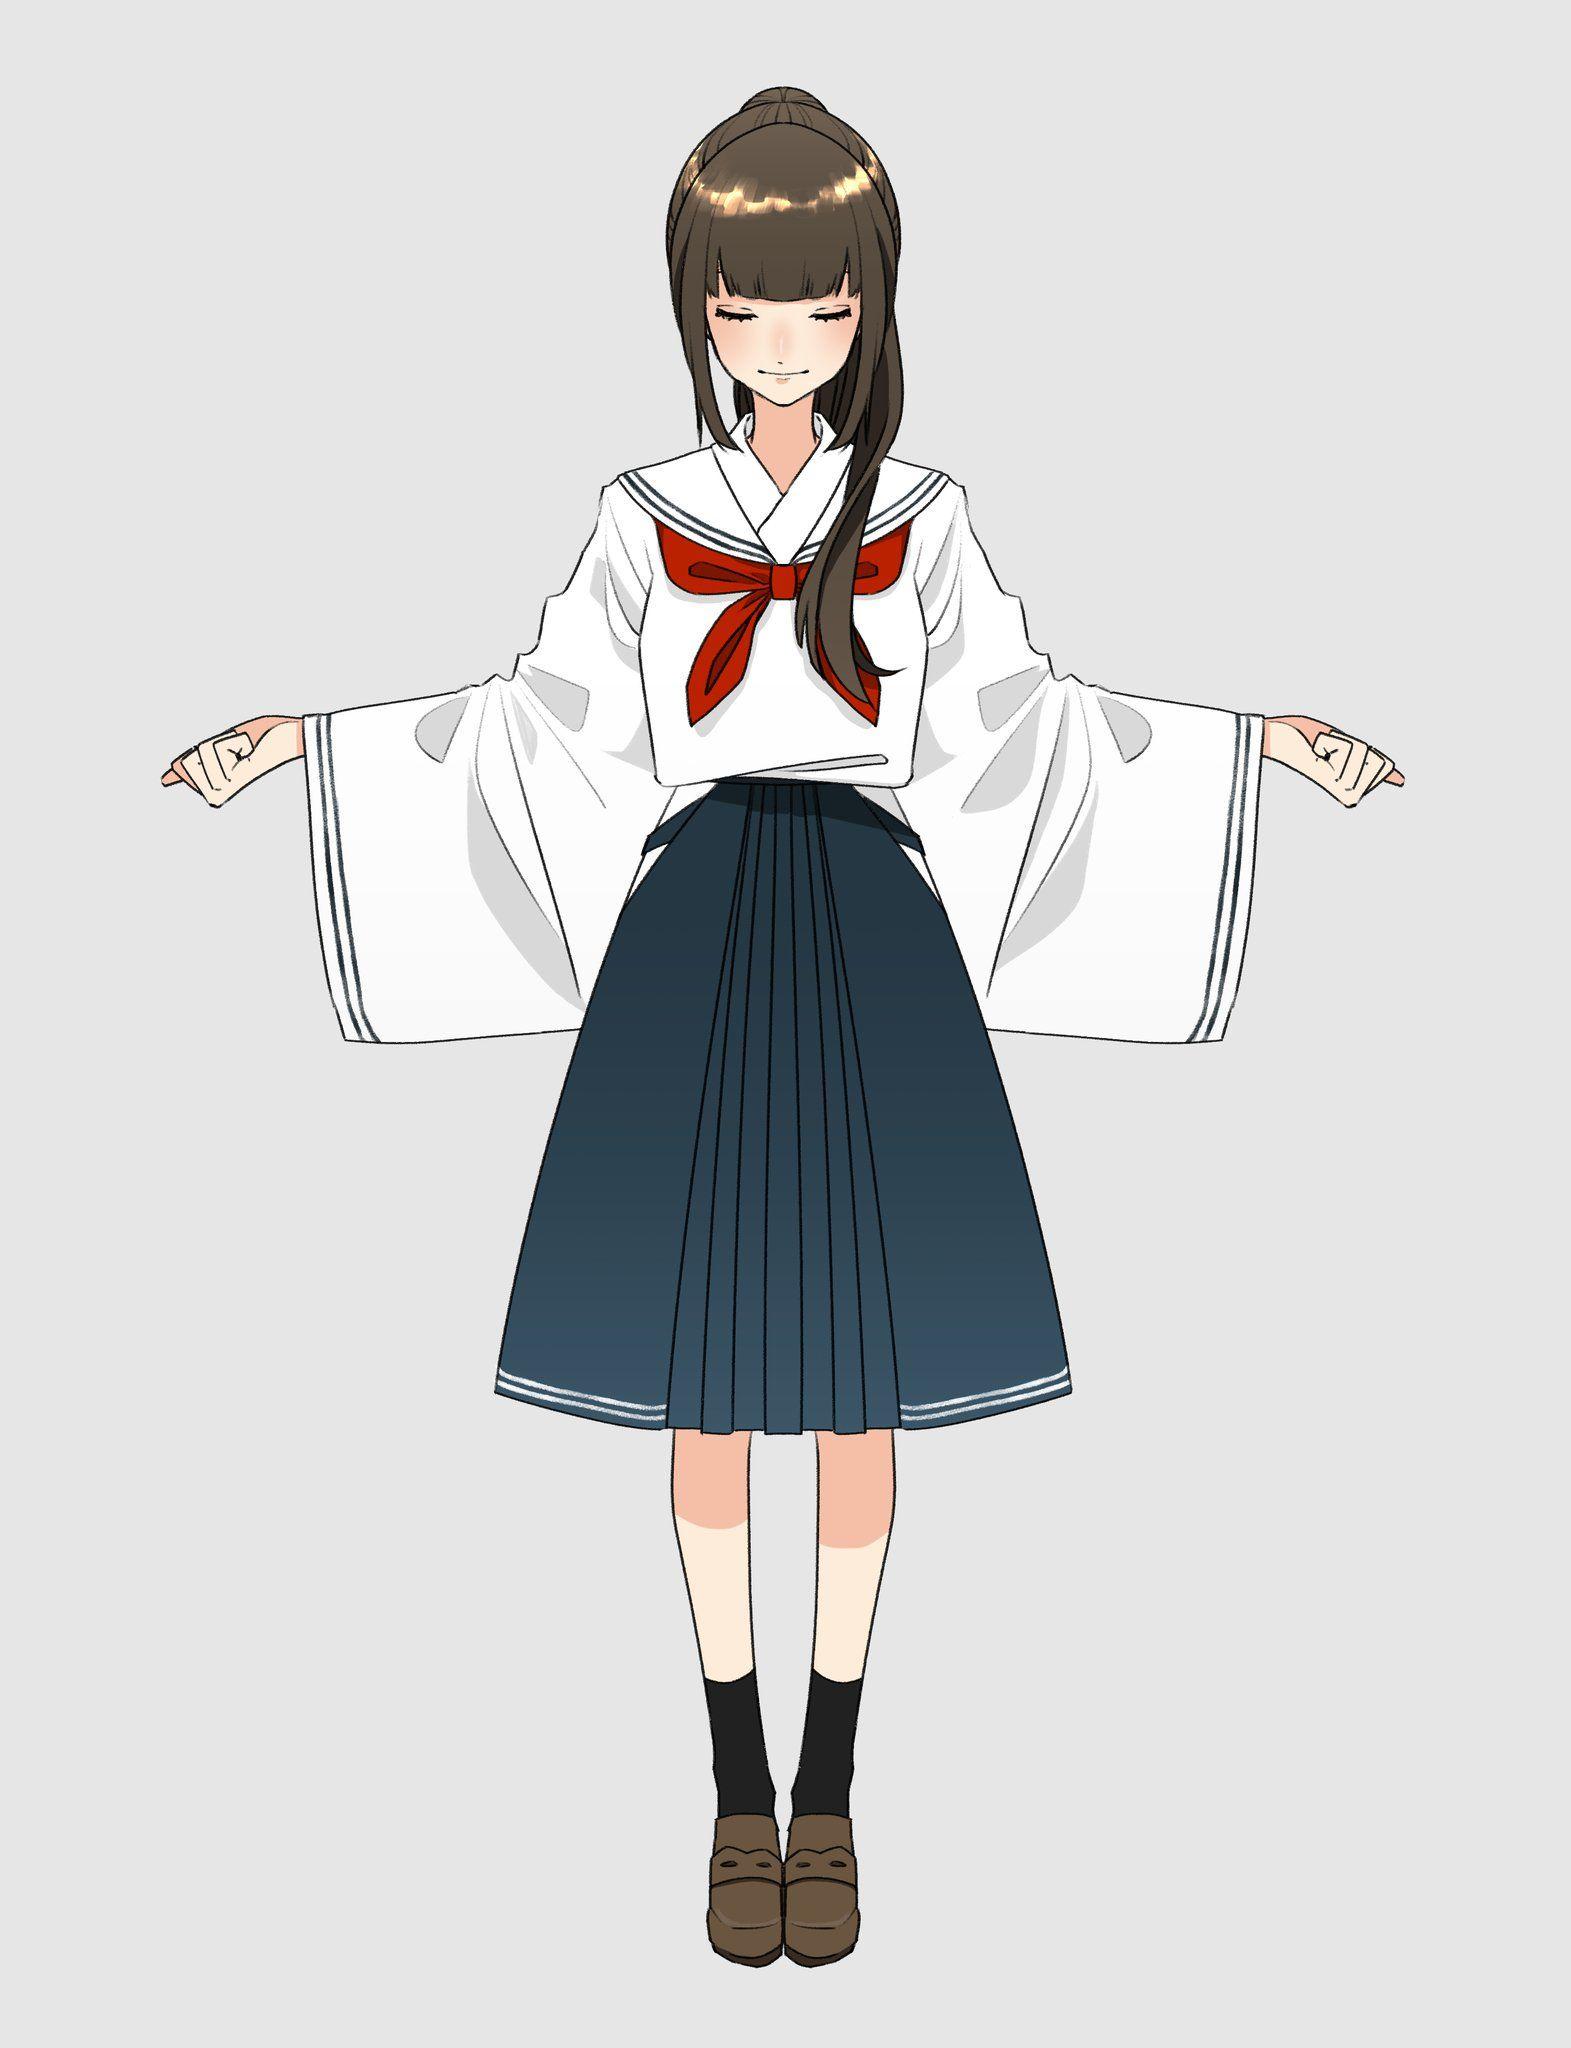 花月 On コスチュームデザイン 日本のファッション デザイナーファッション